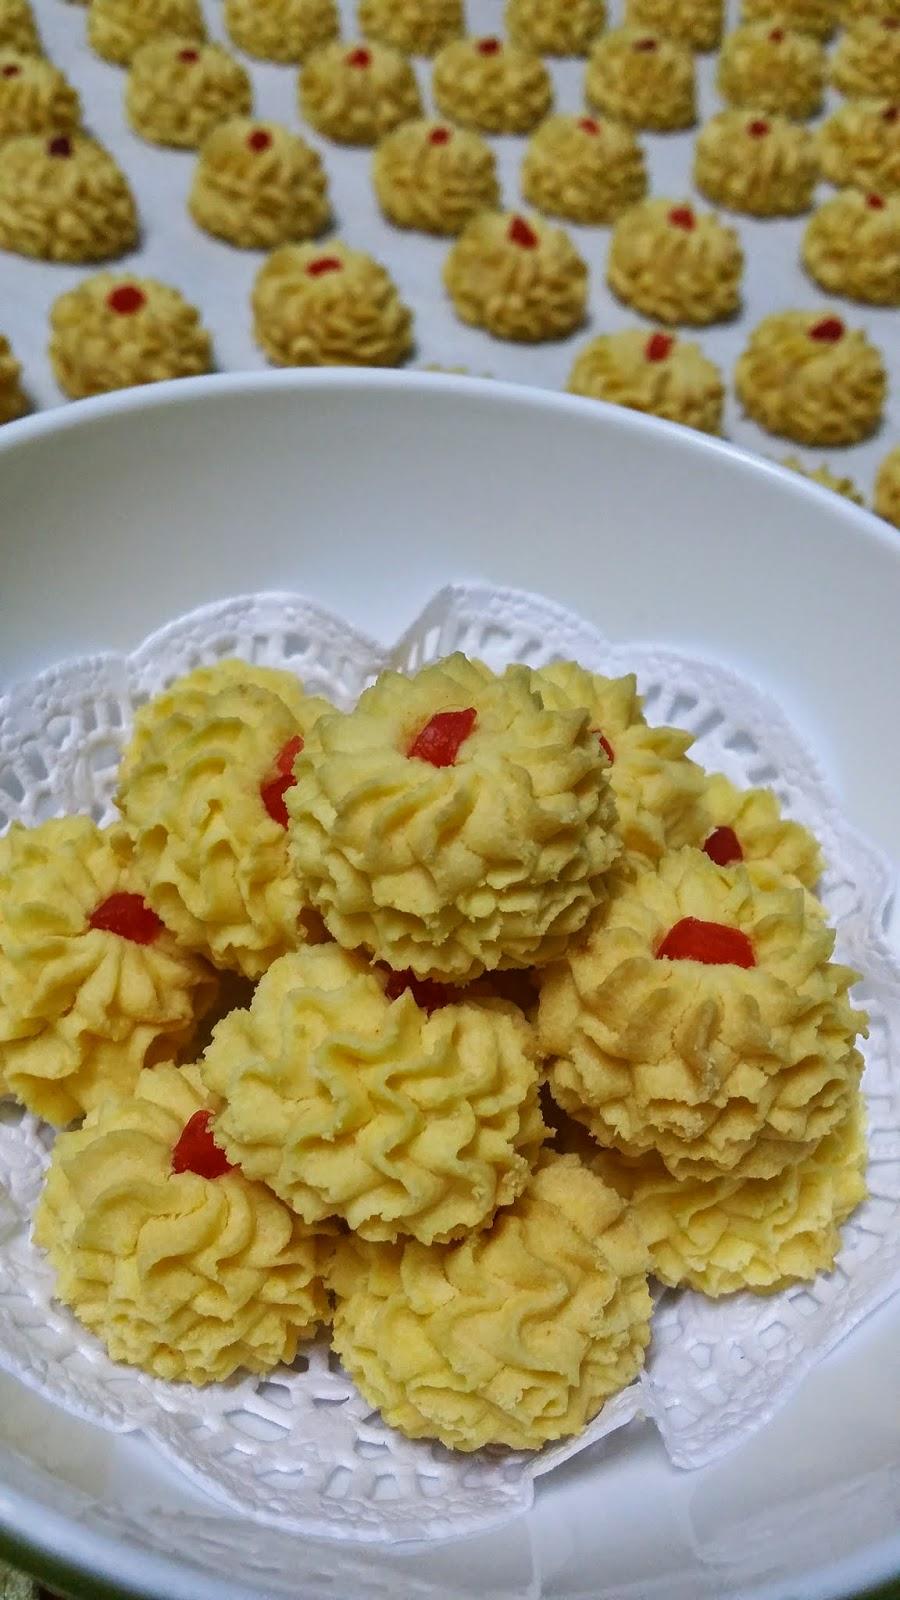 Biarlah Kak Noor Kekal Dengan Pattern Bunga Kecil Inilah Ideni Samperit Sajian Dapur Bonda